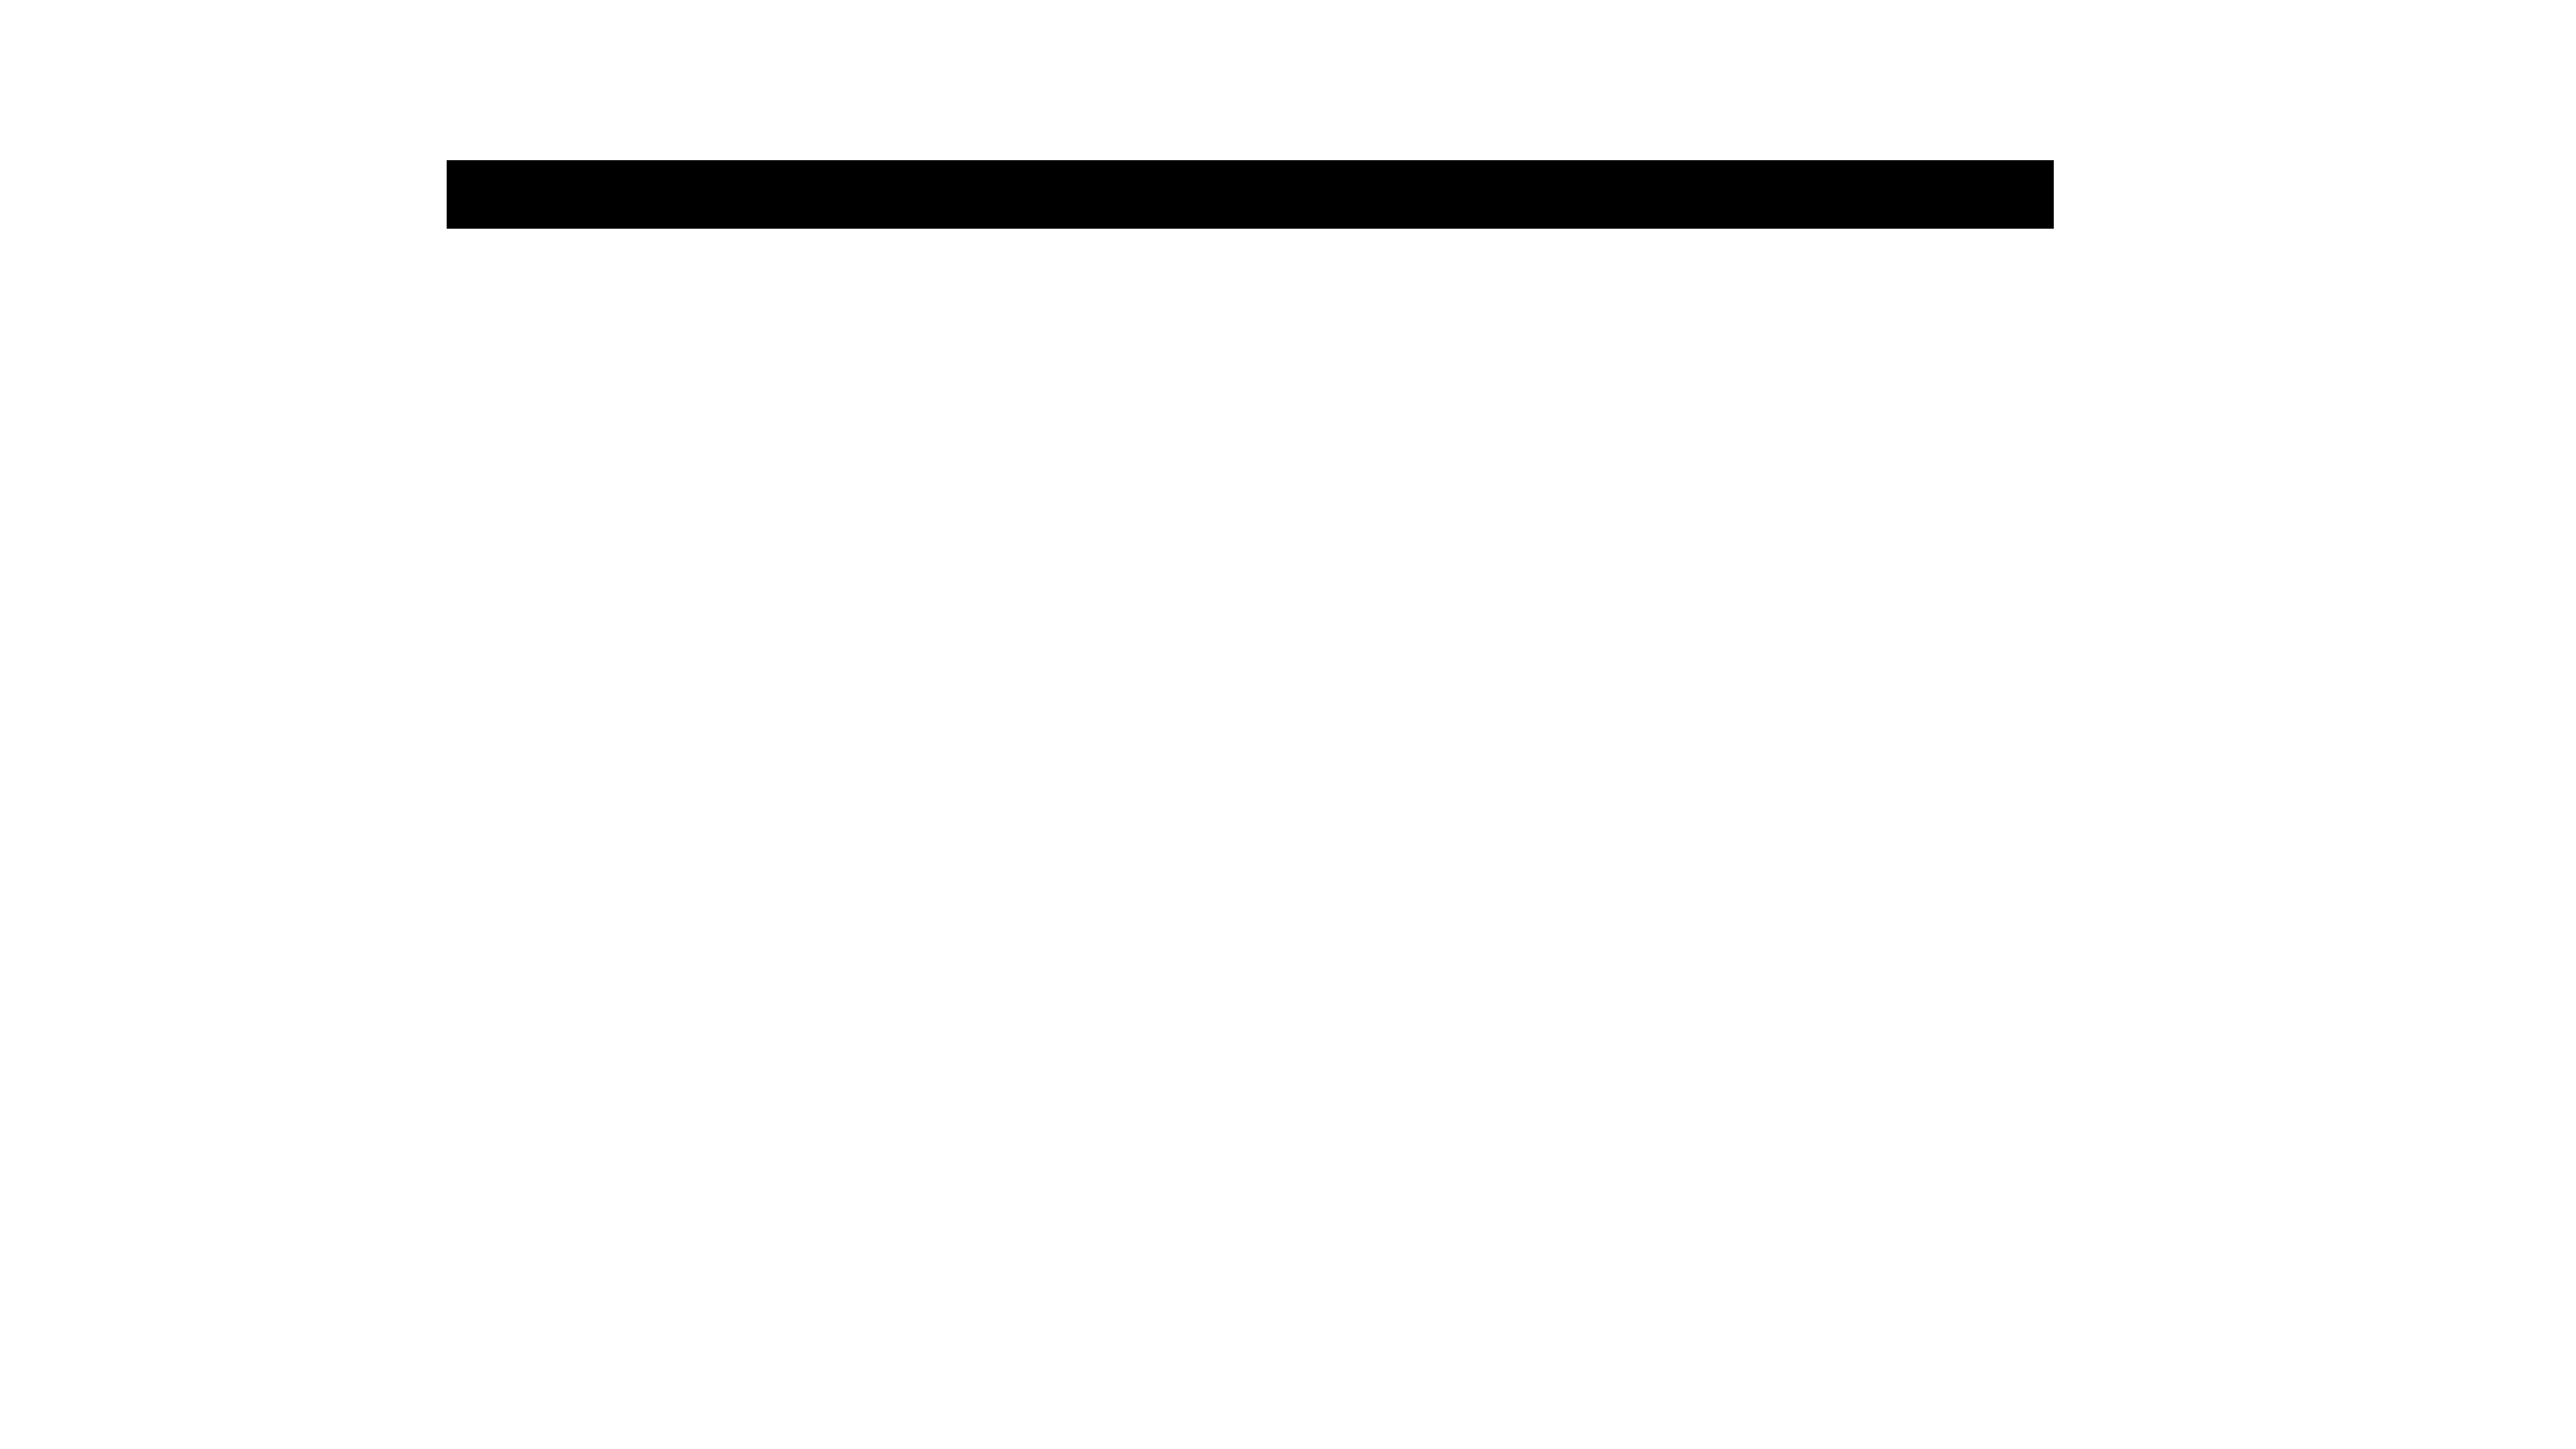 texto-cabecera-Covid-19